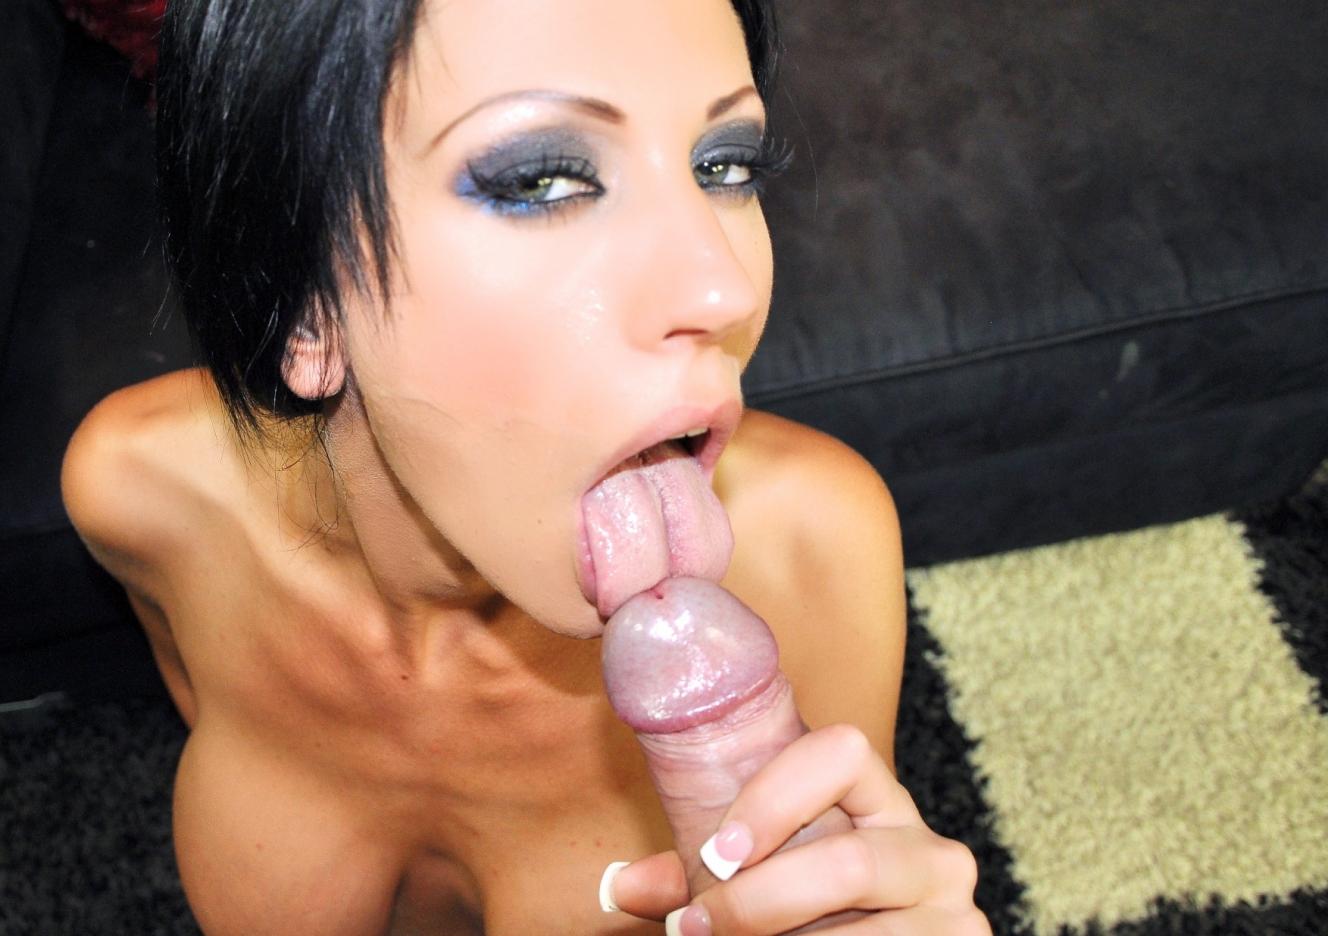 Смотреть порно с таня джеймс, Tanya james HD Porno, в хорошем качестве 1 фотография